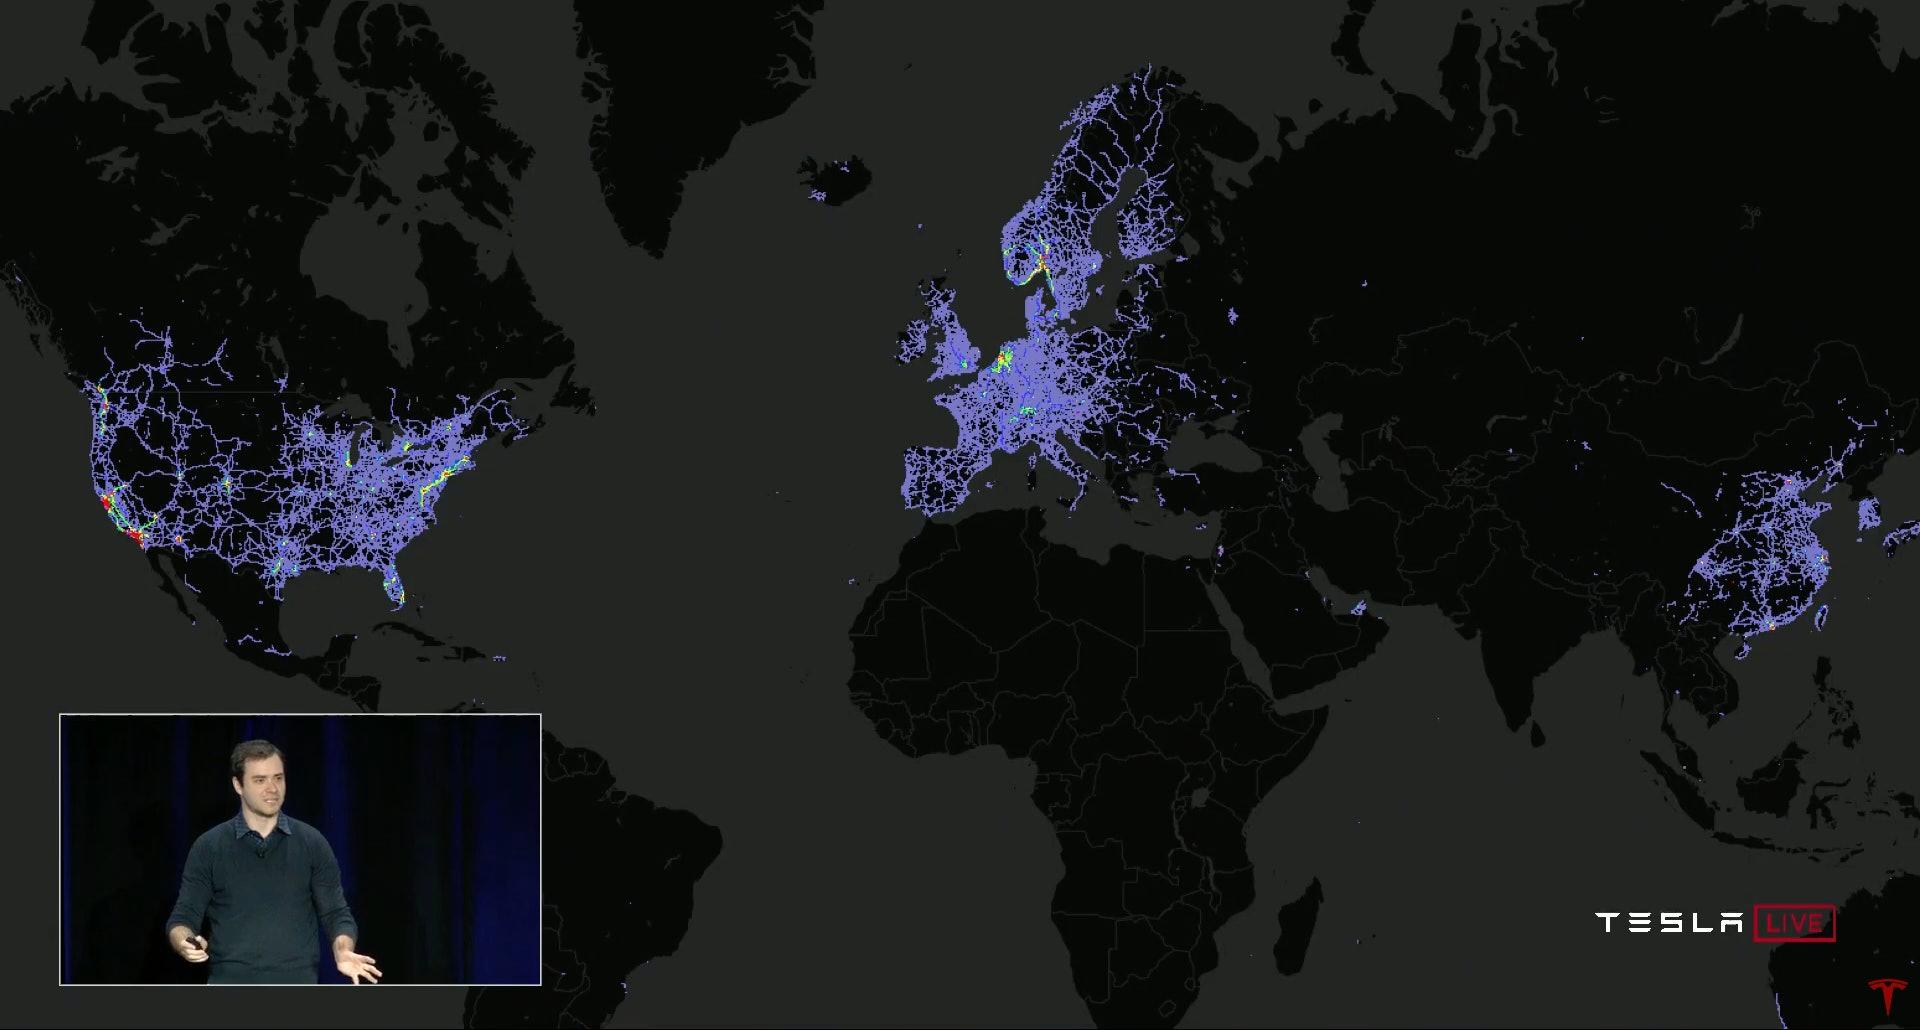 Tesla's global fleet.